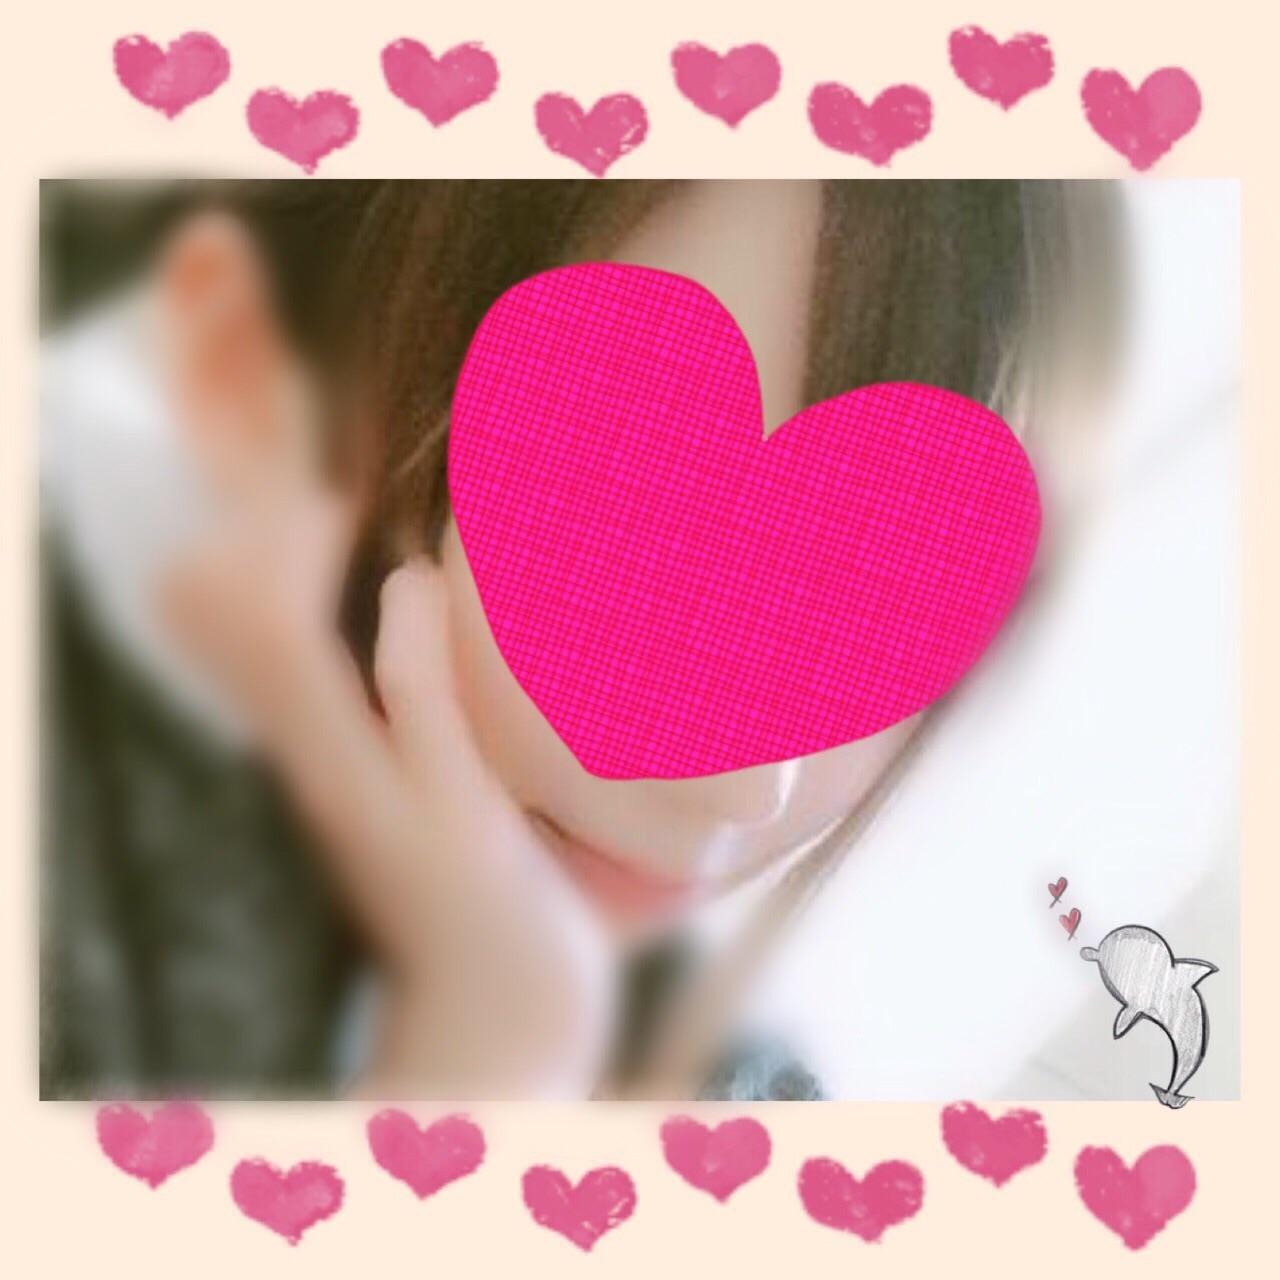 「今日は♪」06/22(金) 15:14 | るなの写メ・風俗動画